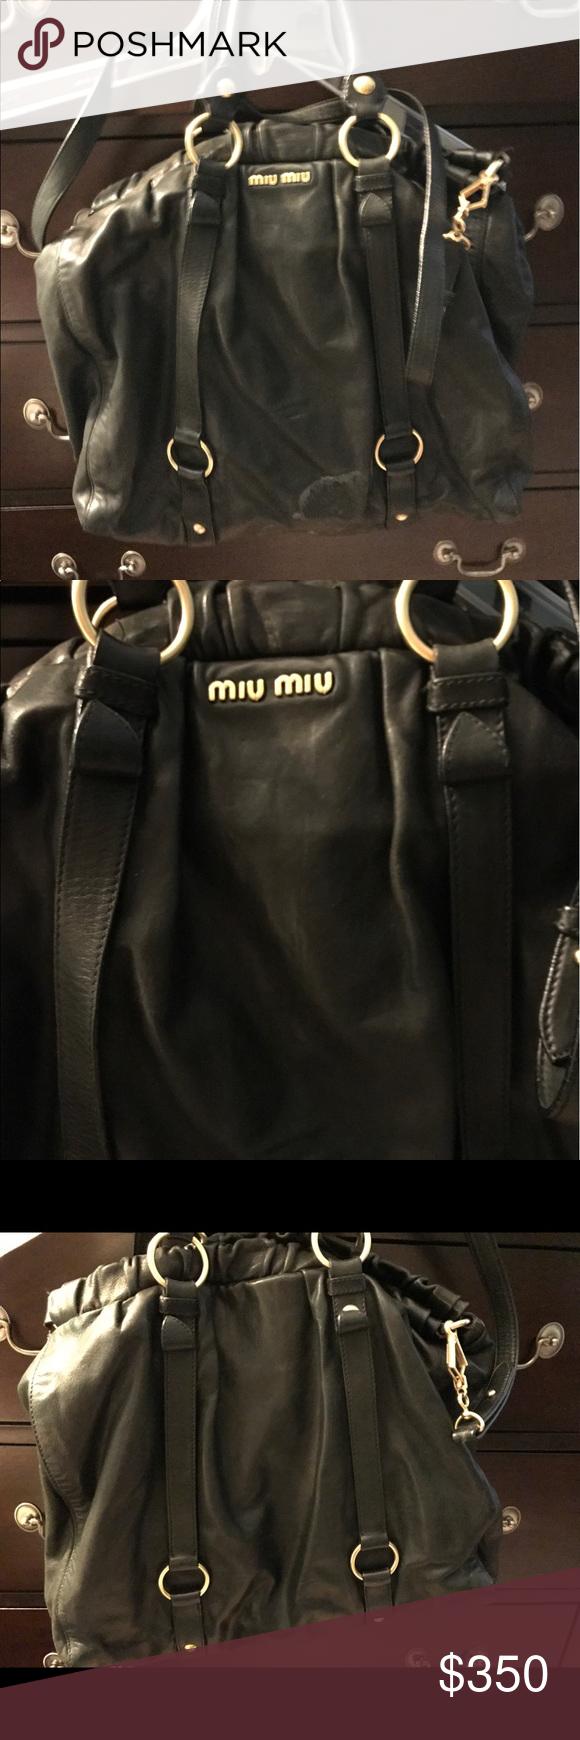 Miu Miu leather satchel Chic miu miu satchel. Beautiful Italian leather.  Classic Miu Miu ac4e4cf81d